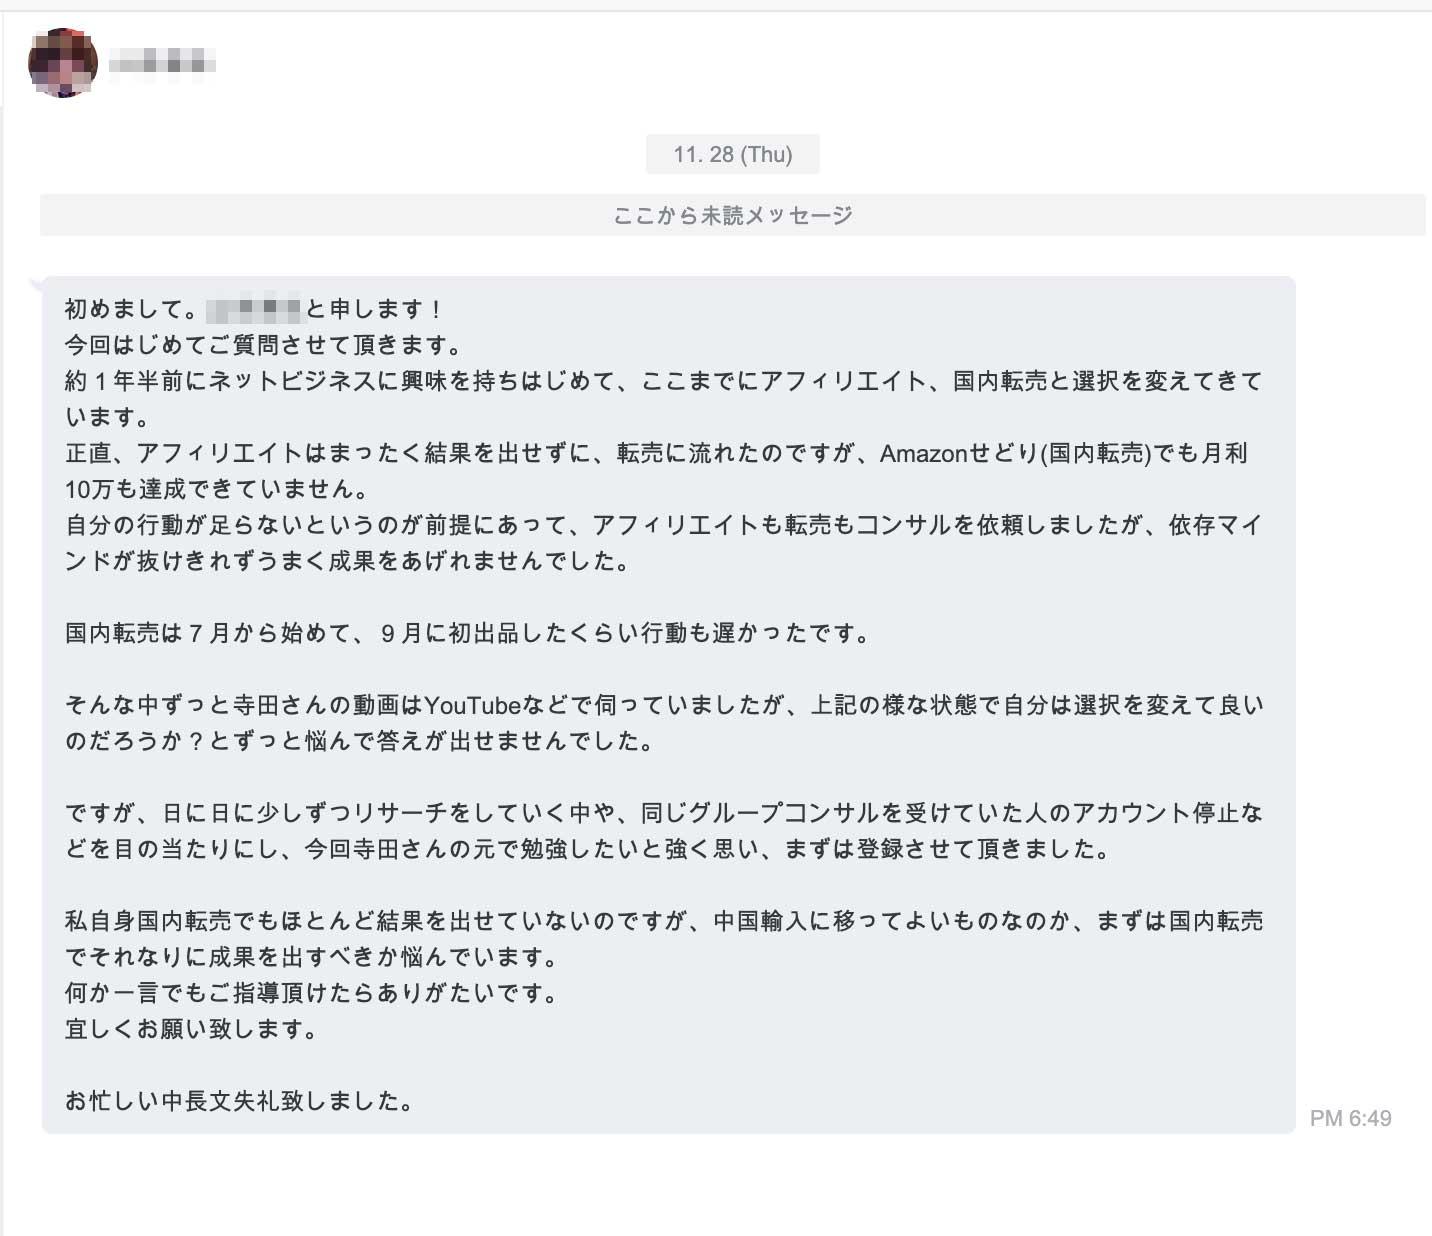 LINE@相談内容